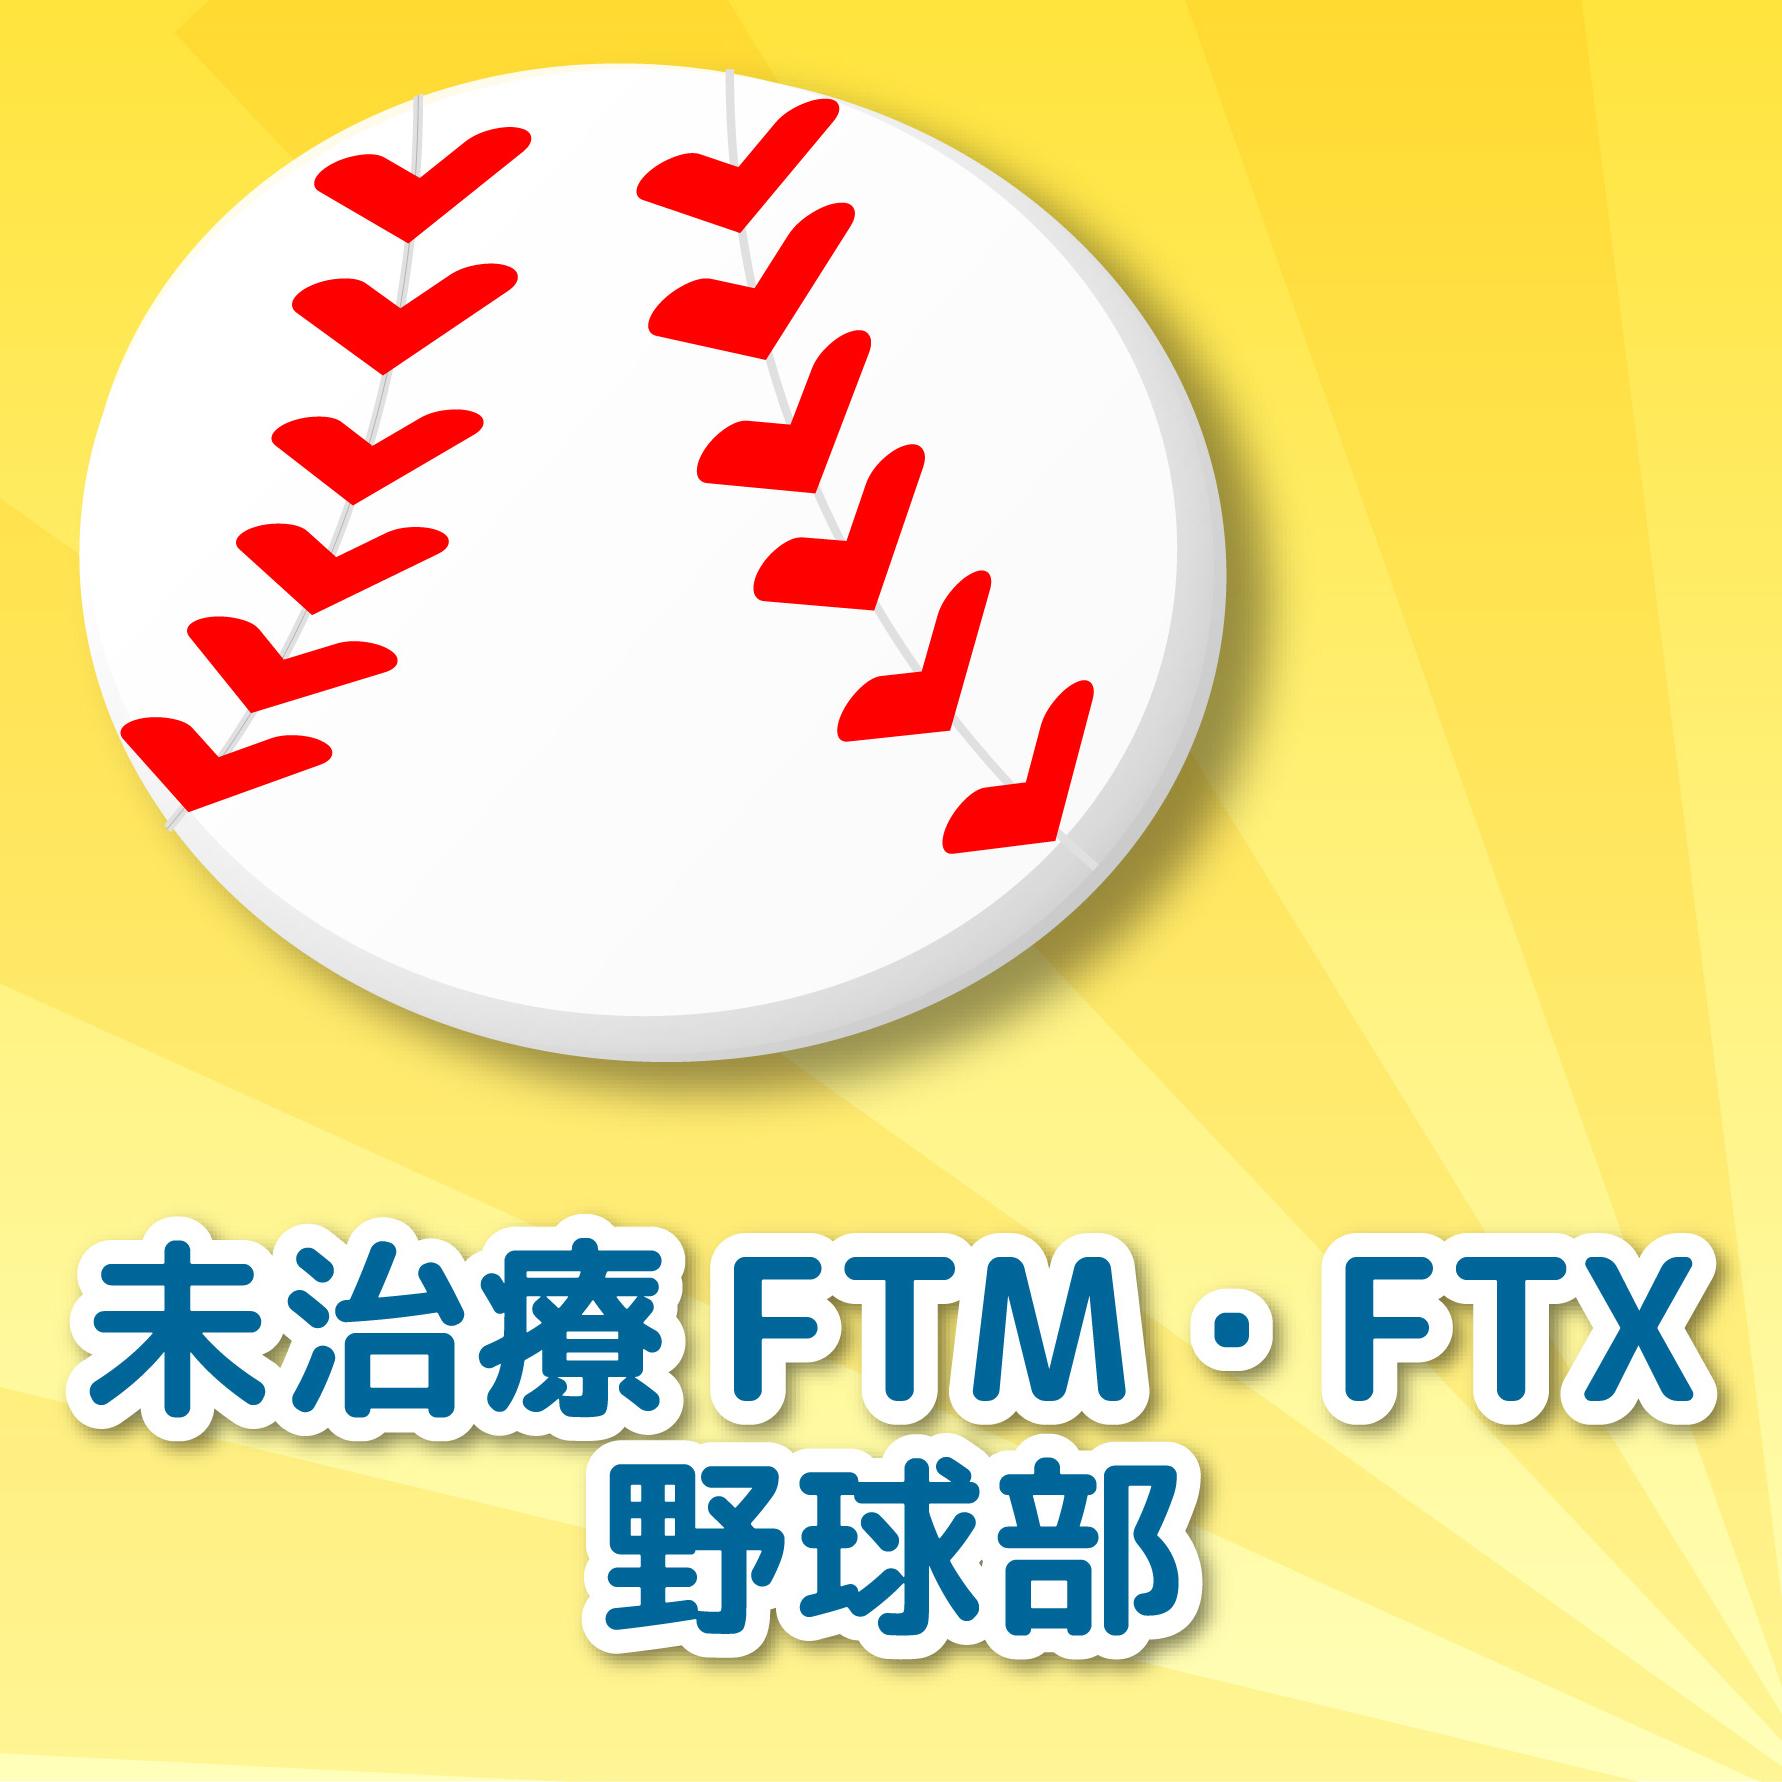 【紡ぐ会】vol.9『軟式野球を紡ぐ会』終了しました!